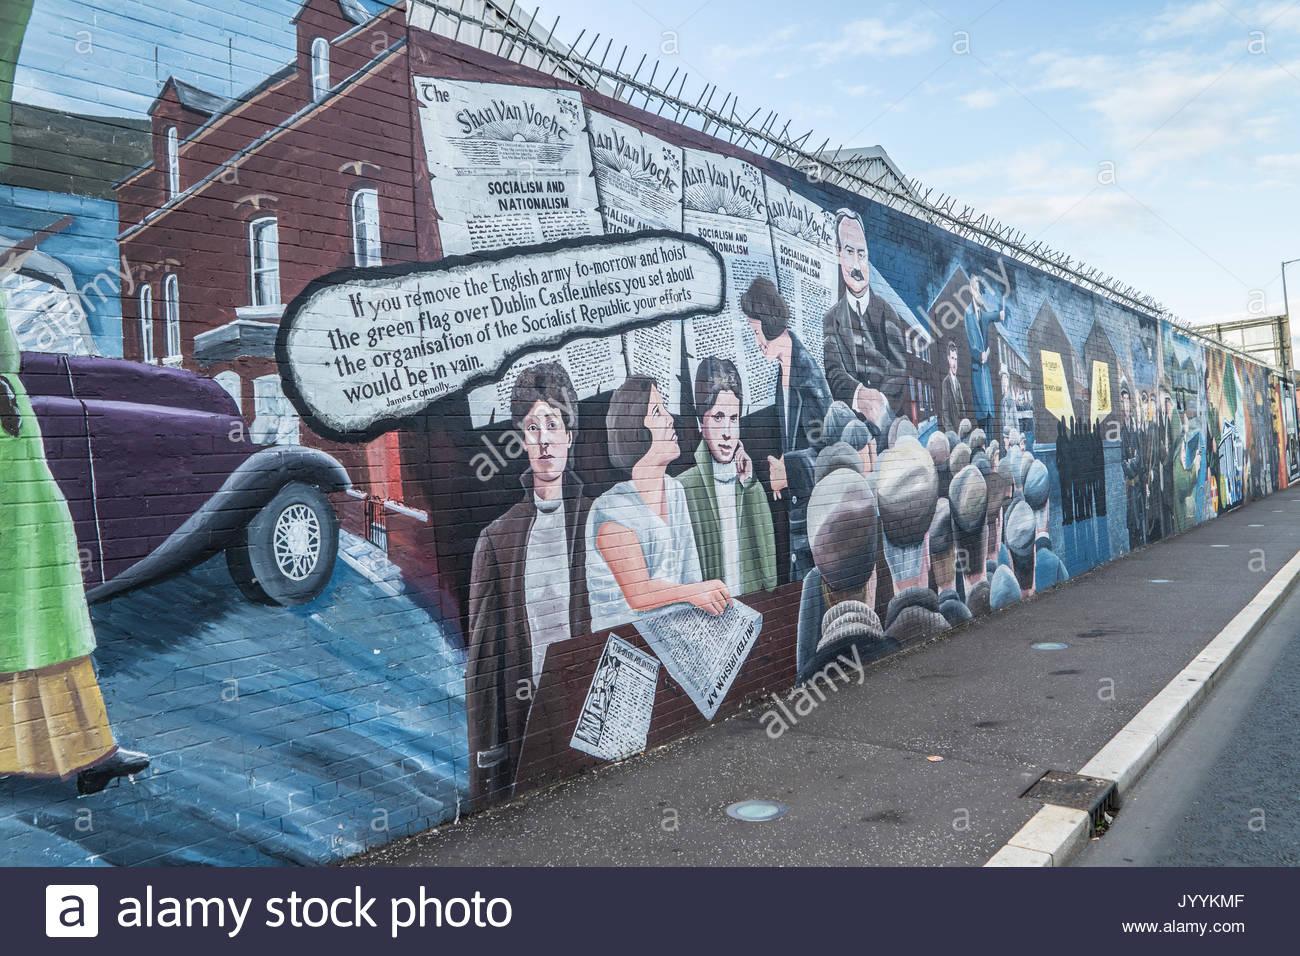 Belfast northern ireland murals in stock photos belfast for Mural in belfast